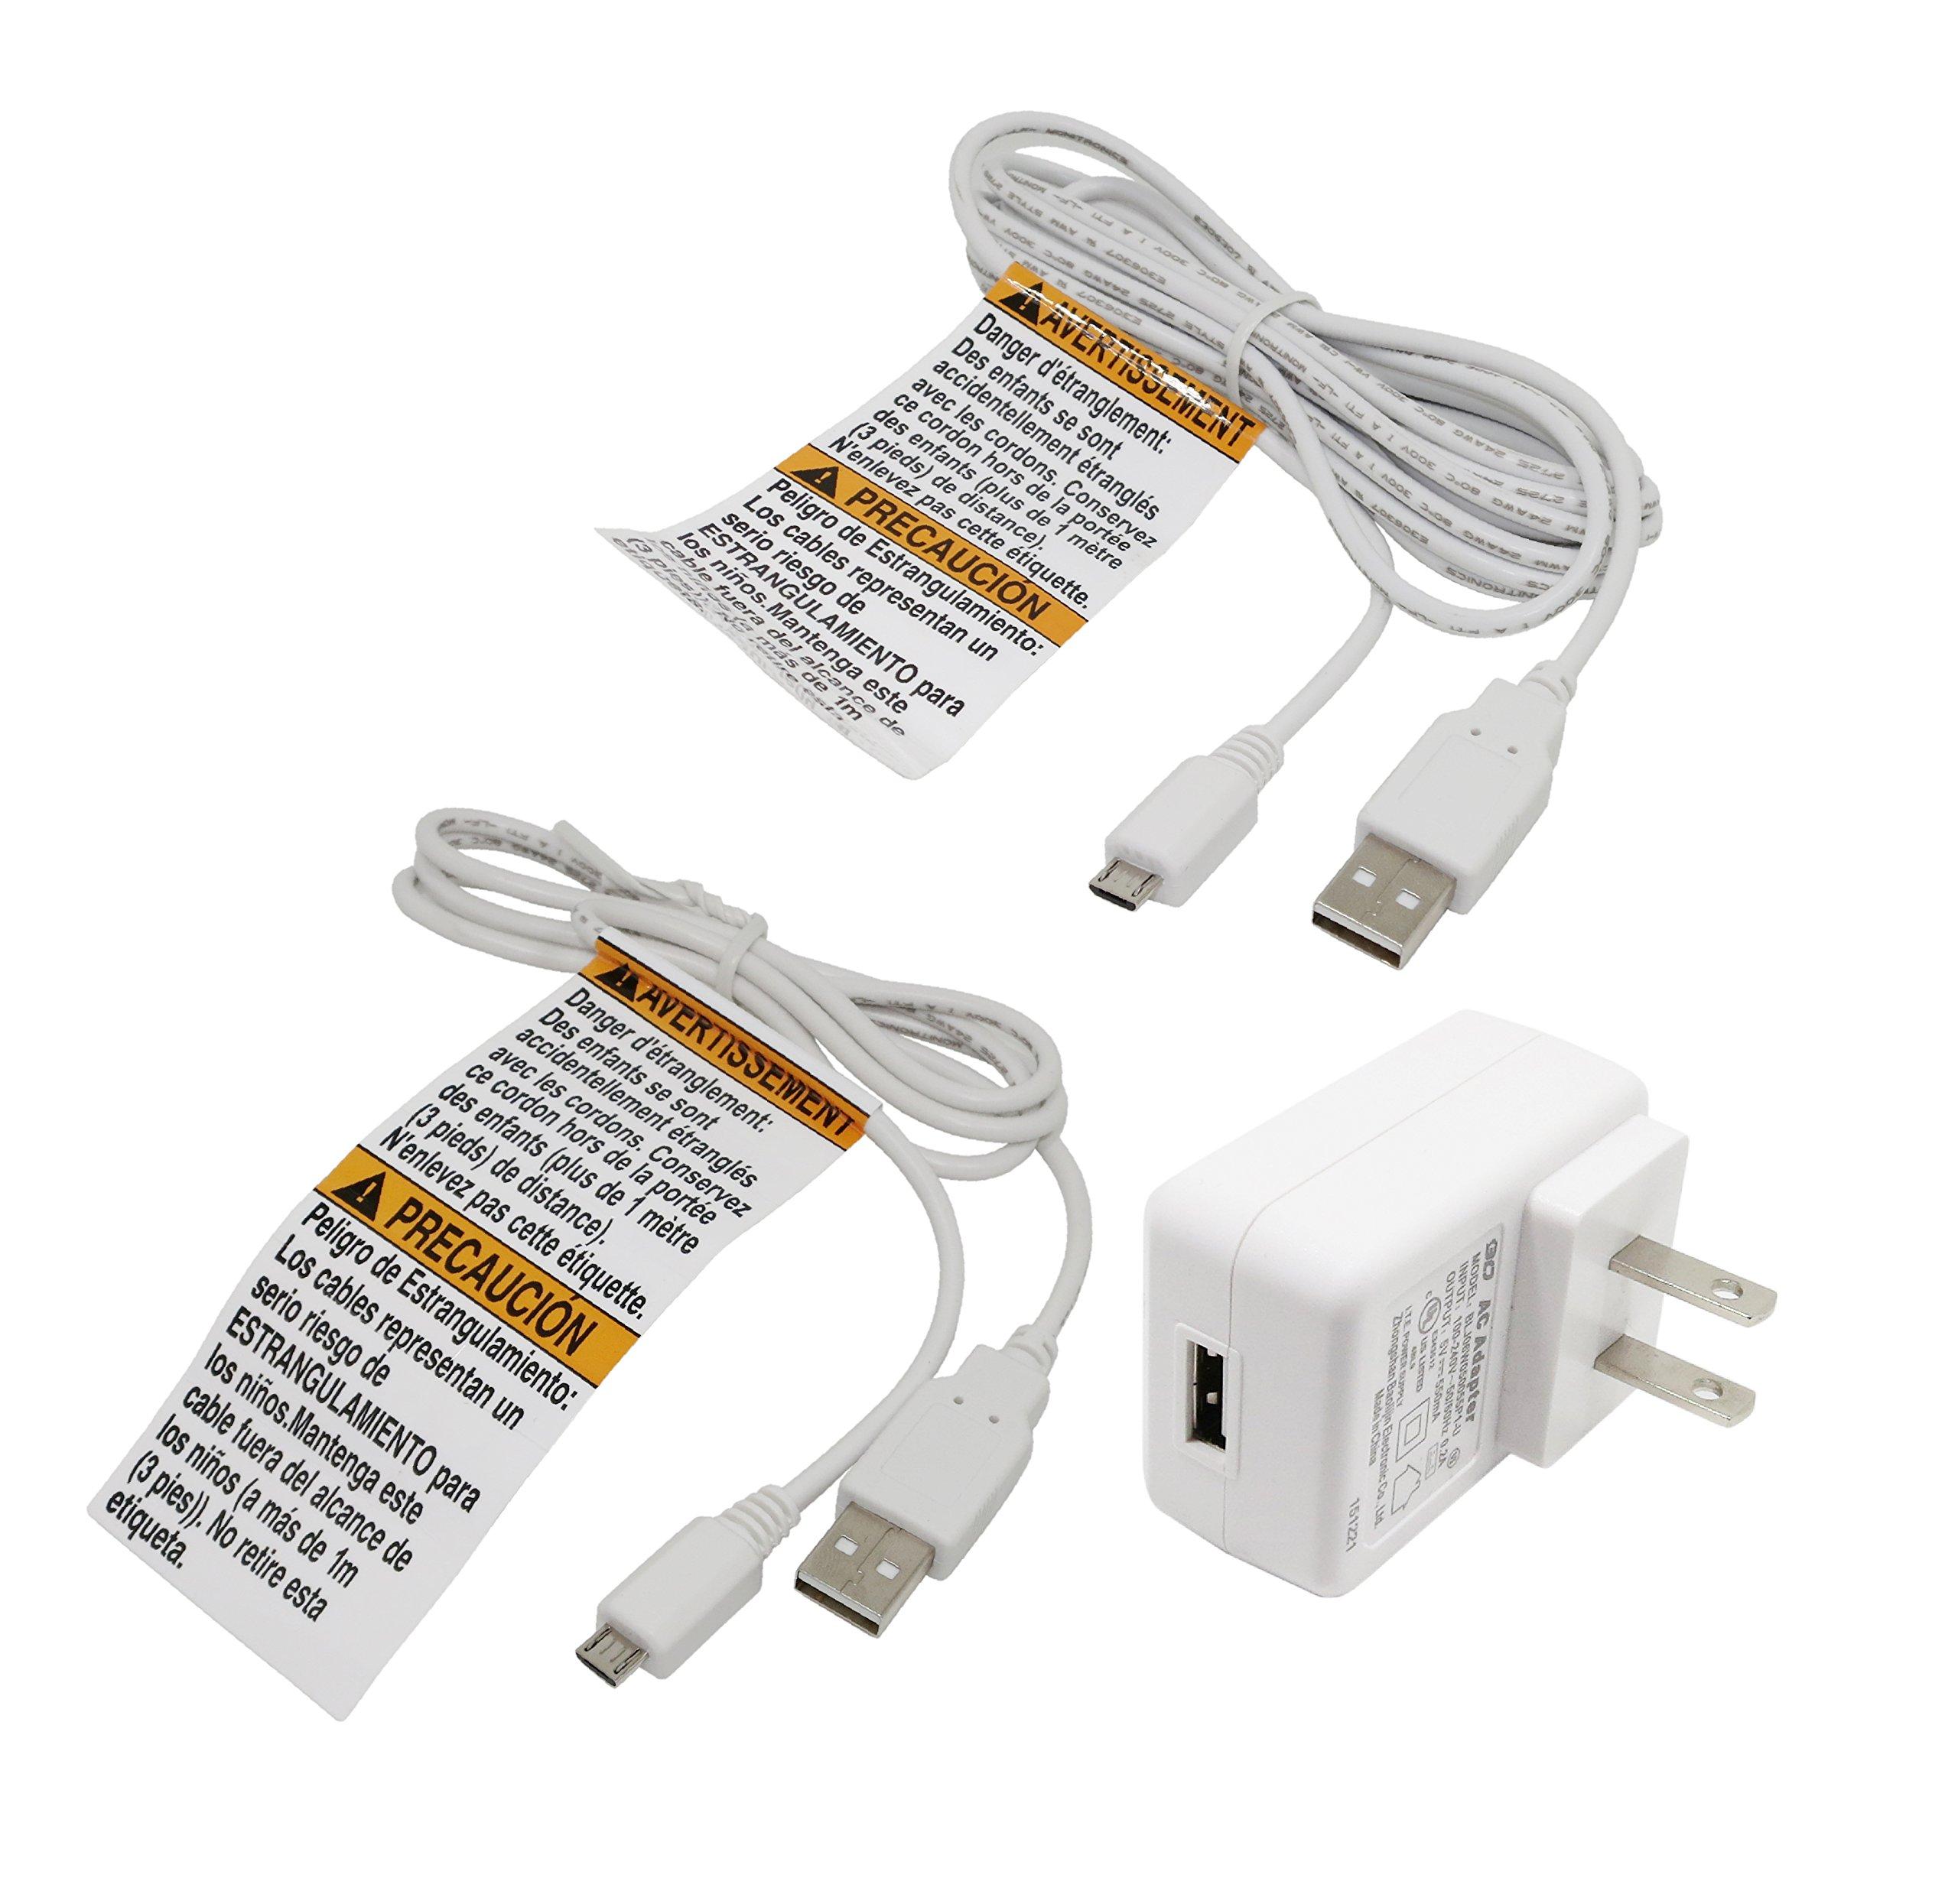 Infant Optics DXR-8 Power Adapter for Monitor Unit v1.61 (100v-240v compatible)